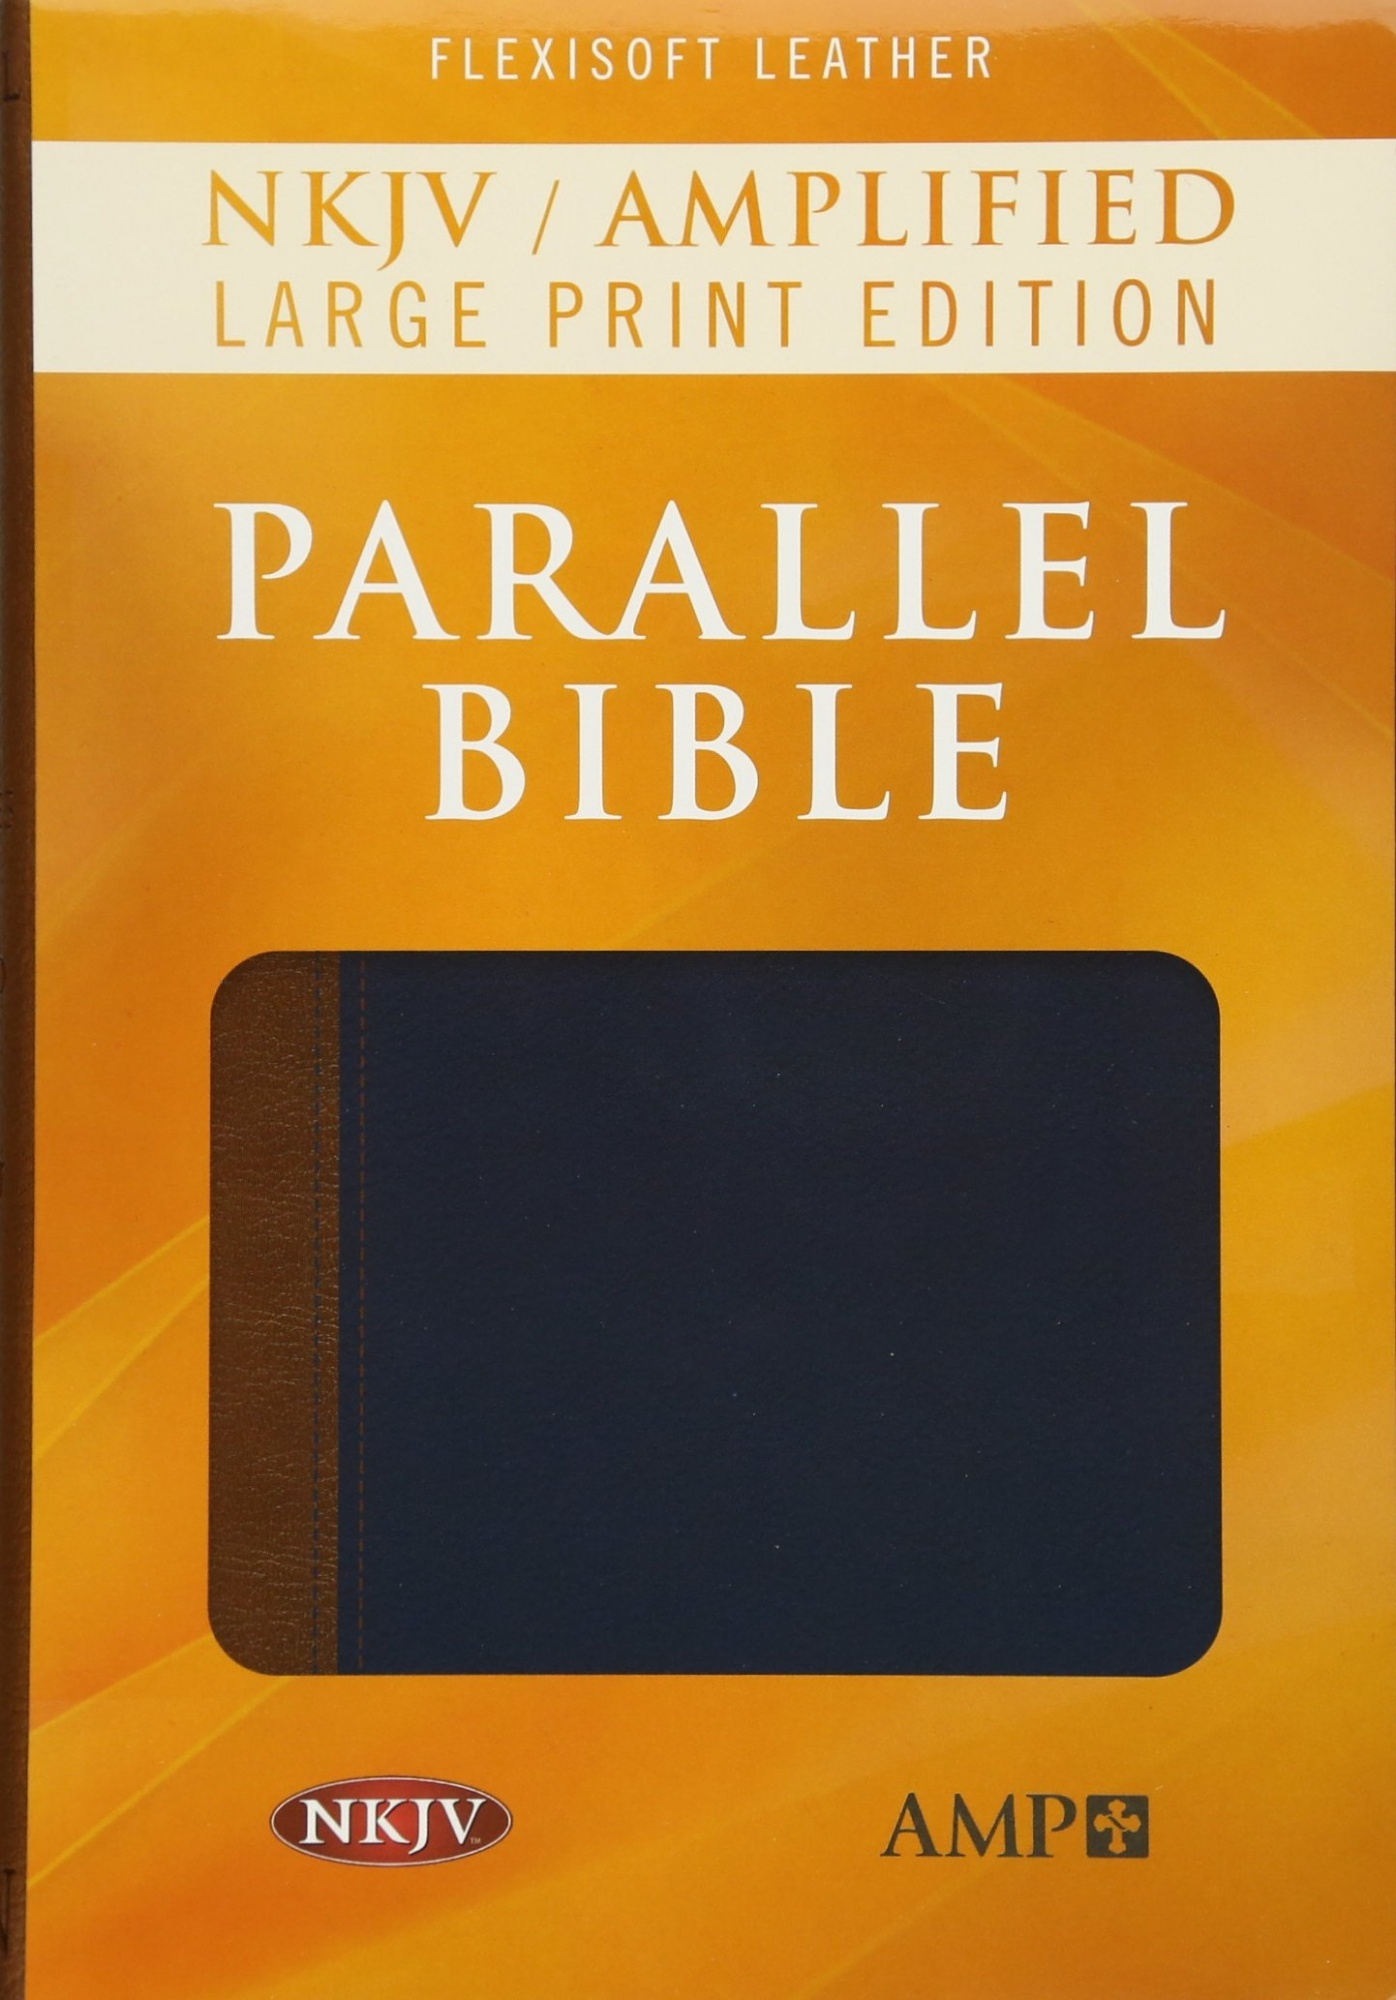 NKJV Amp Parallel Bible Lgpt Flexisoft